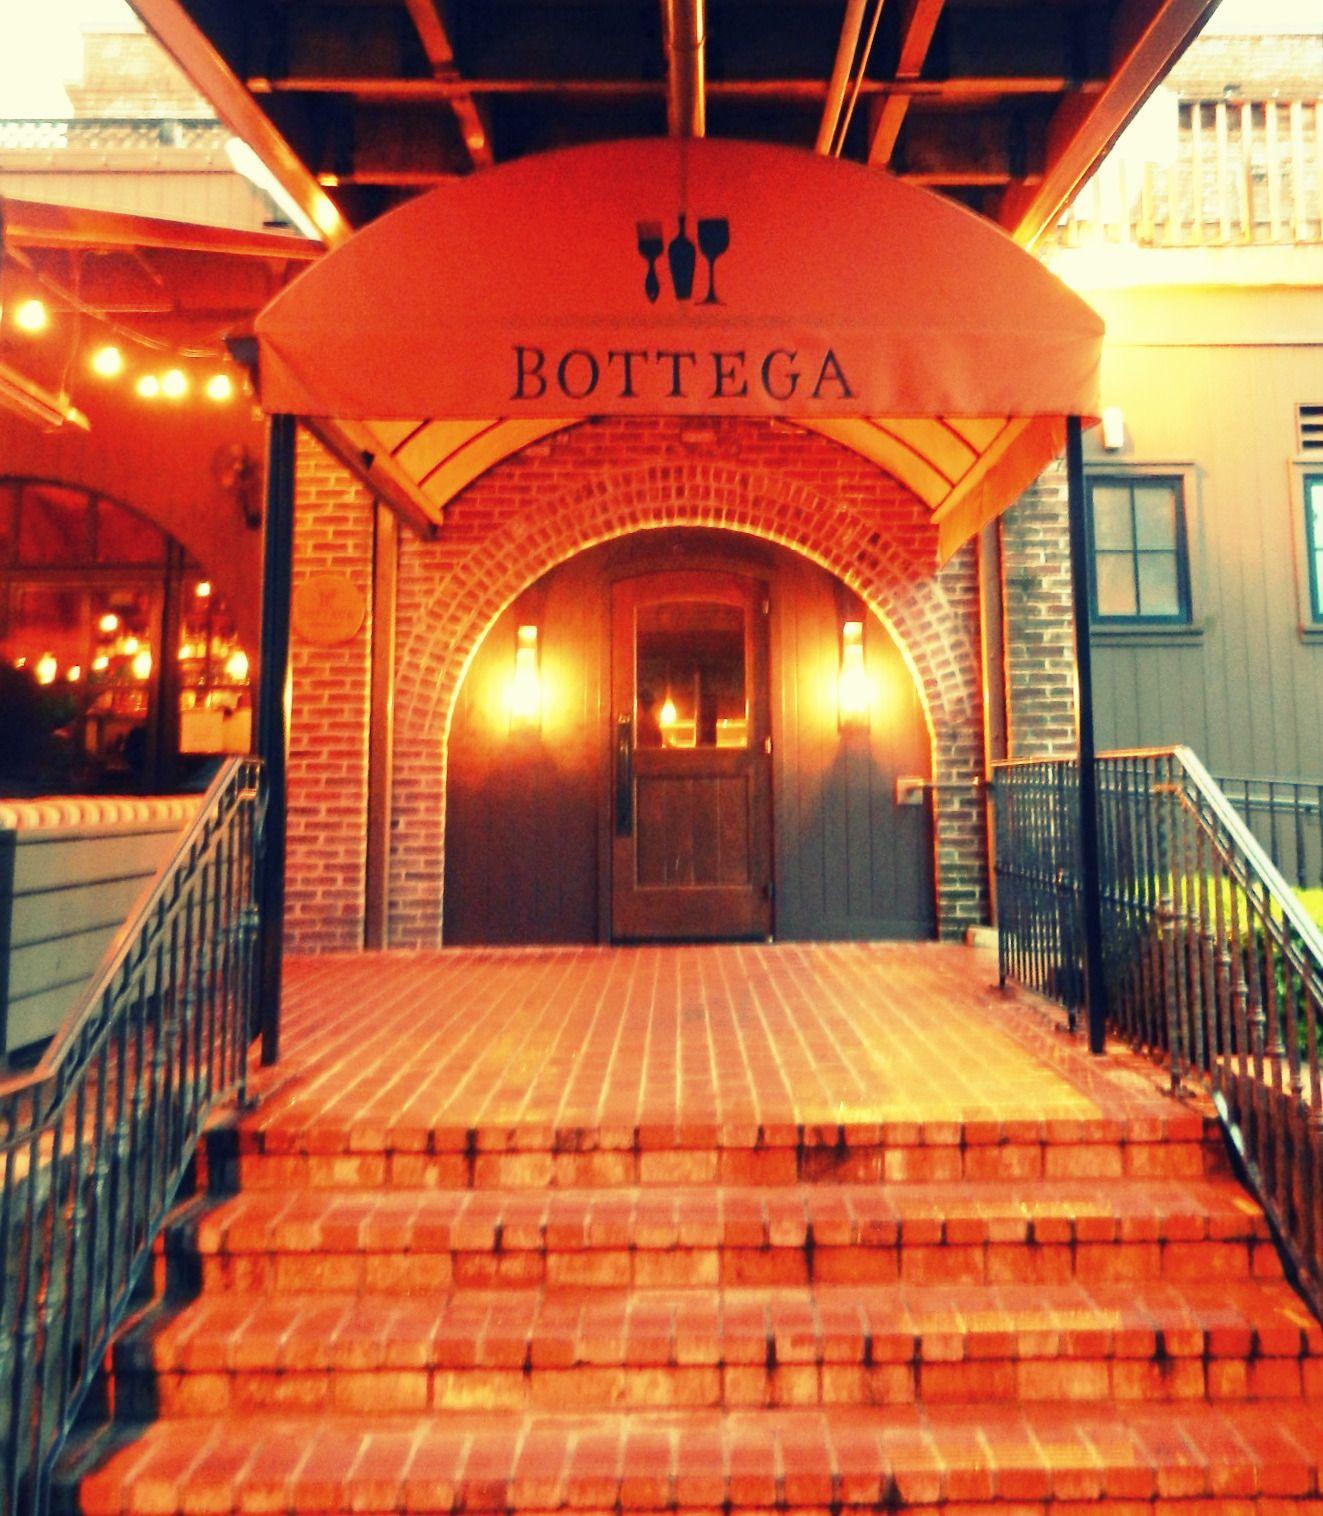 Bottega Yountville Napa Restaurants Bottega Napa Napa